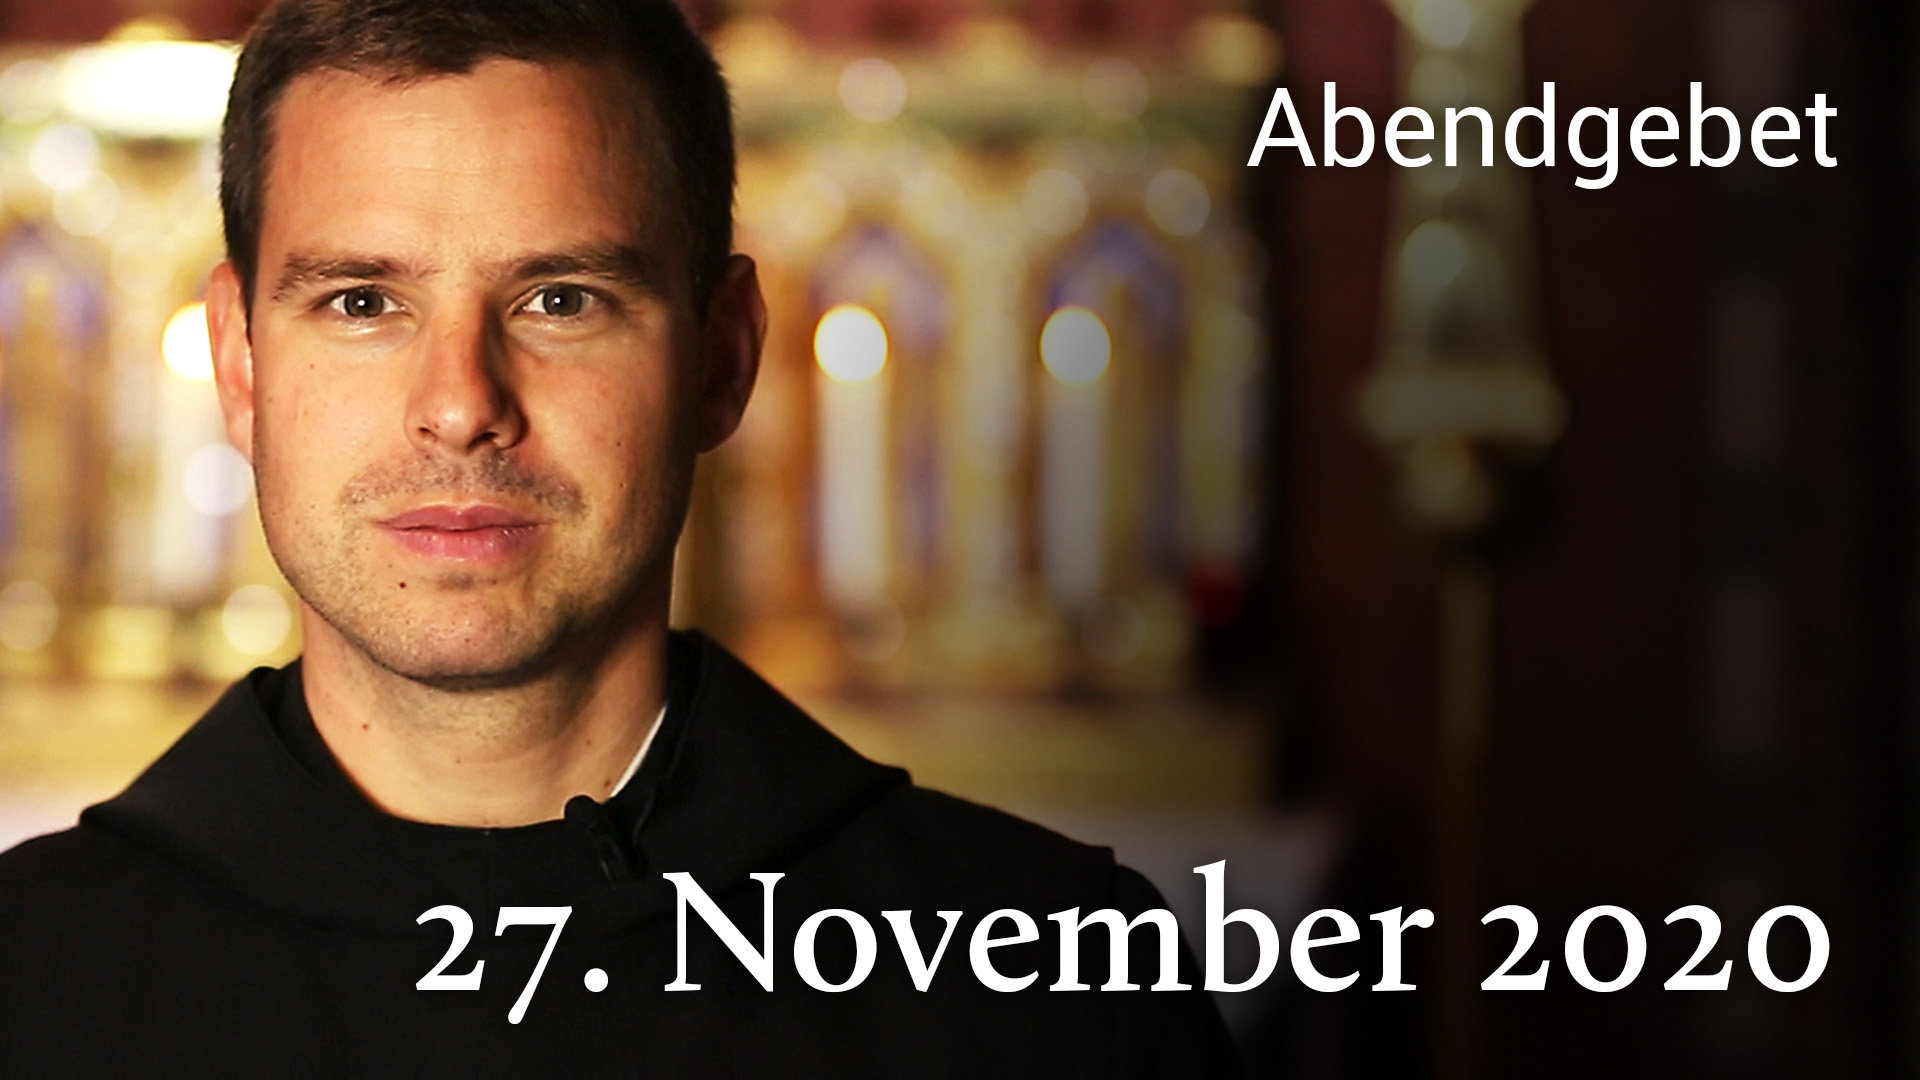 Abendgebet - 27. November 2020